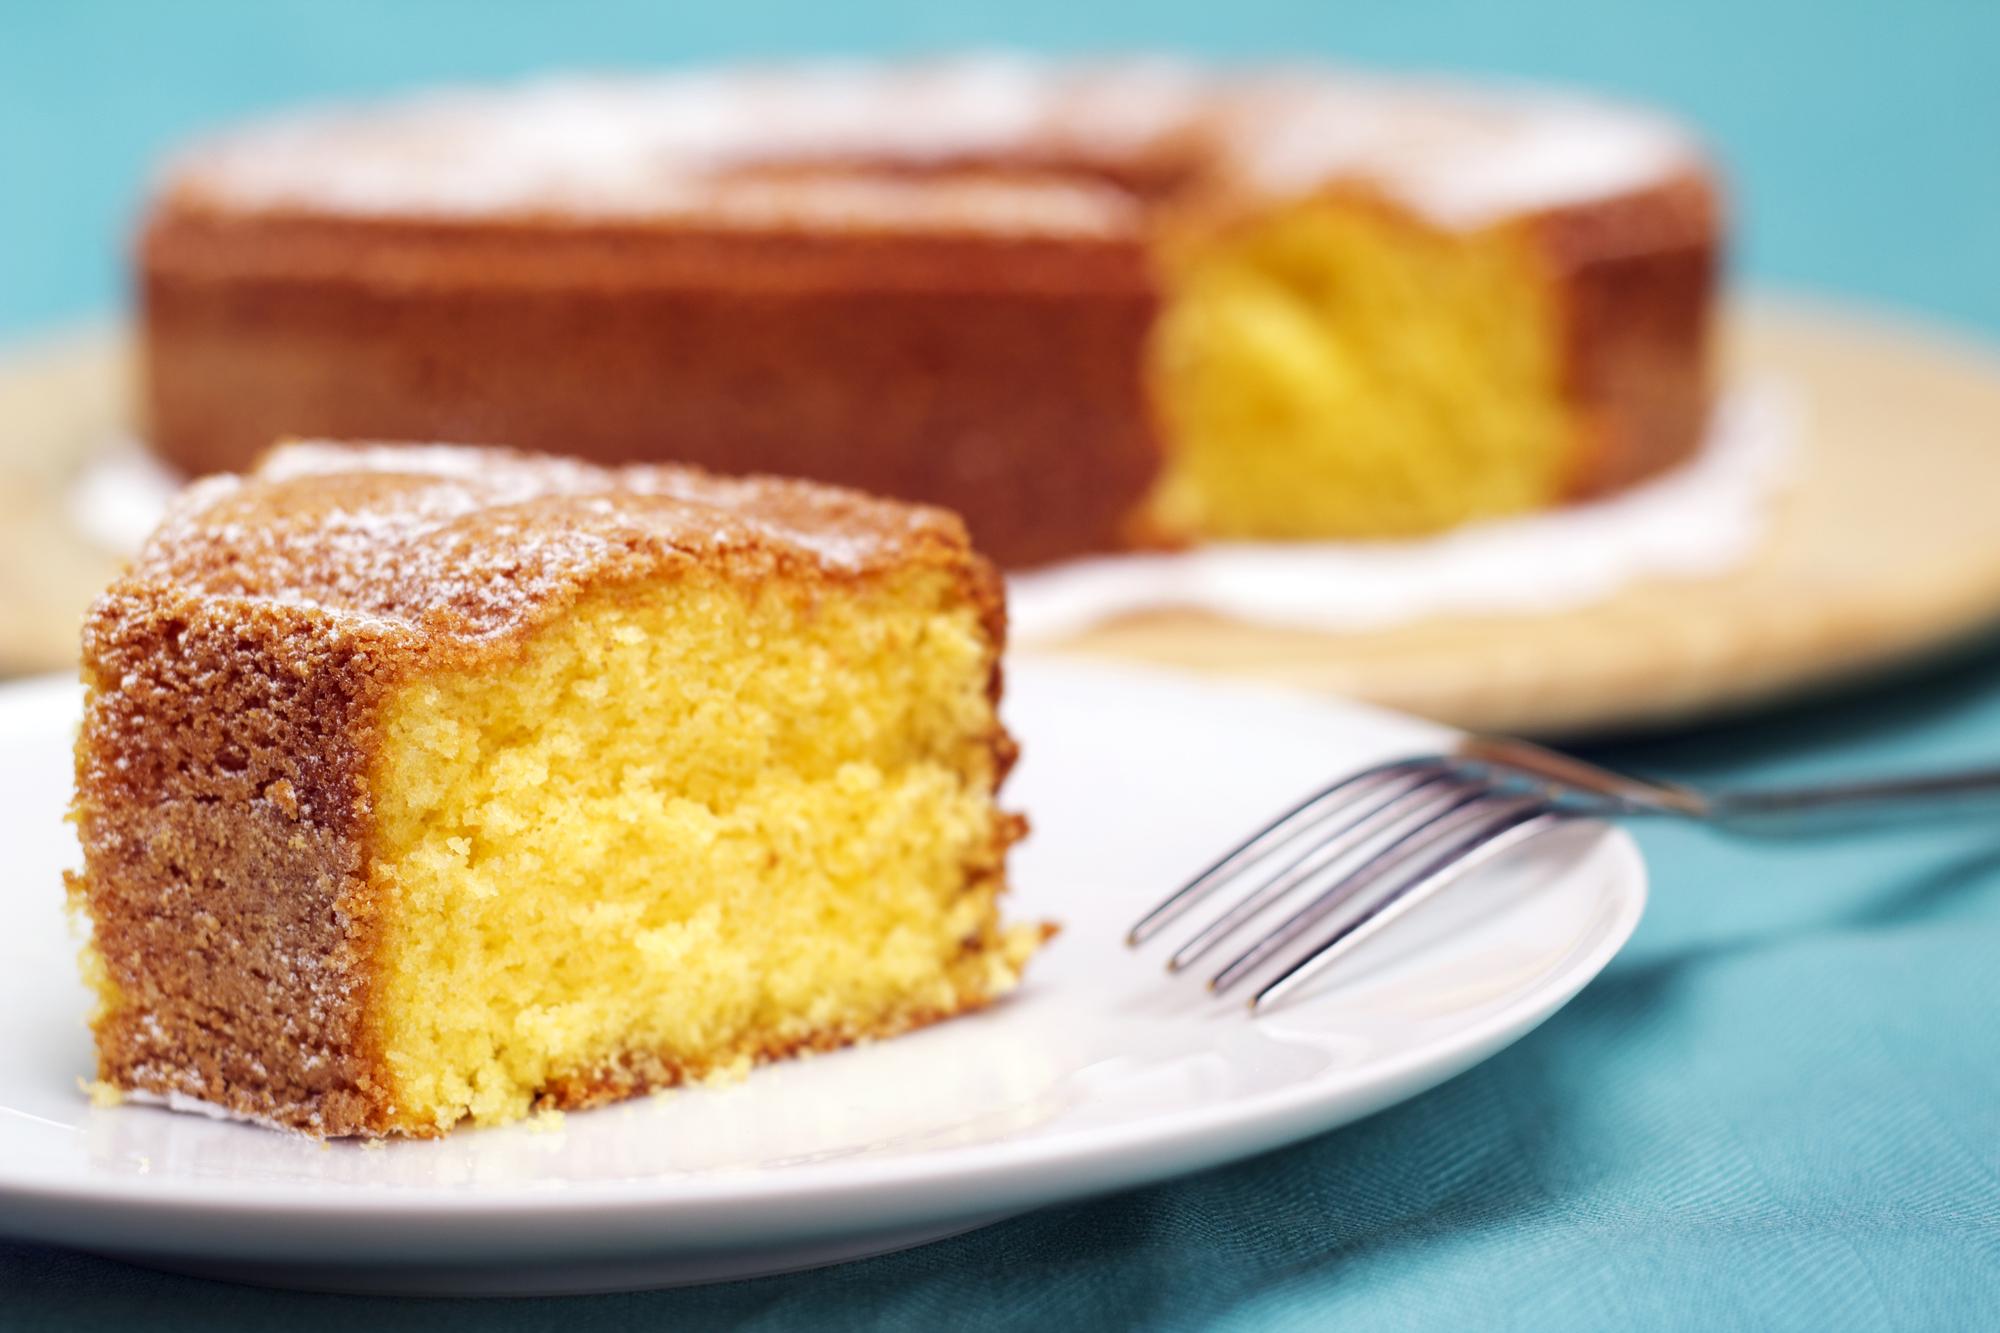 Gluten free dairy free vanilla cake recipe